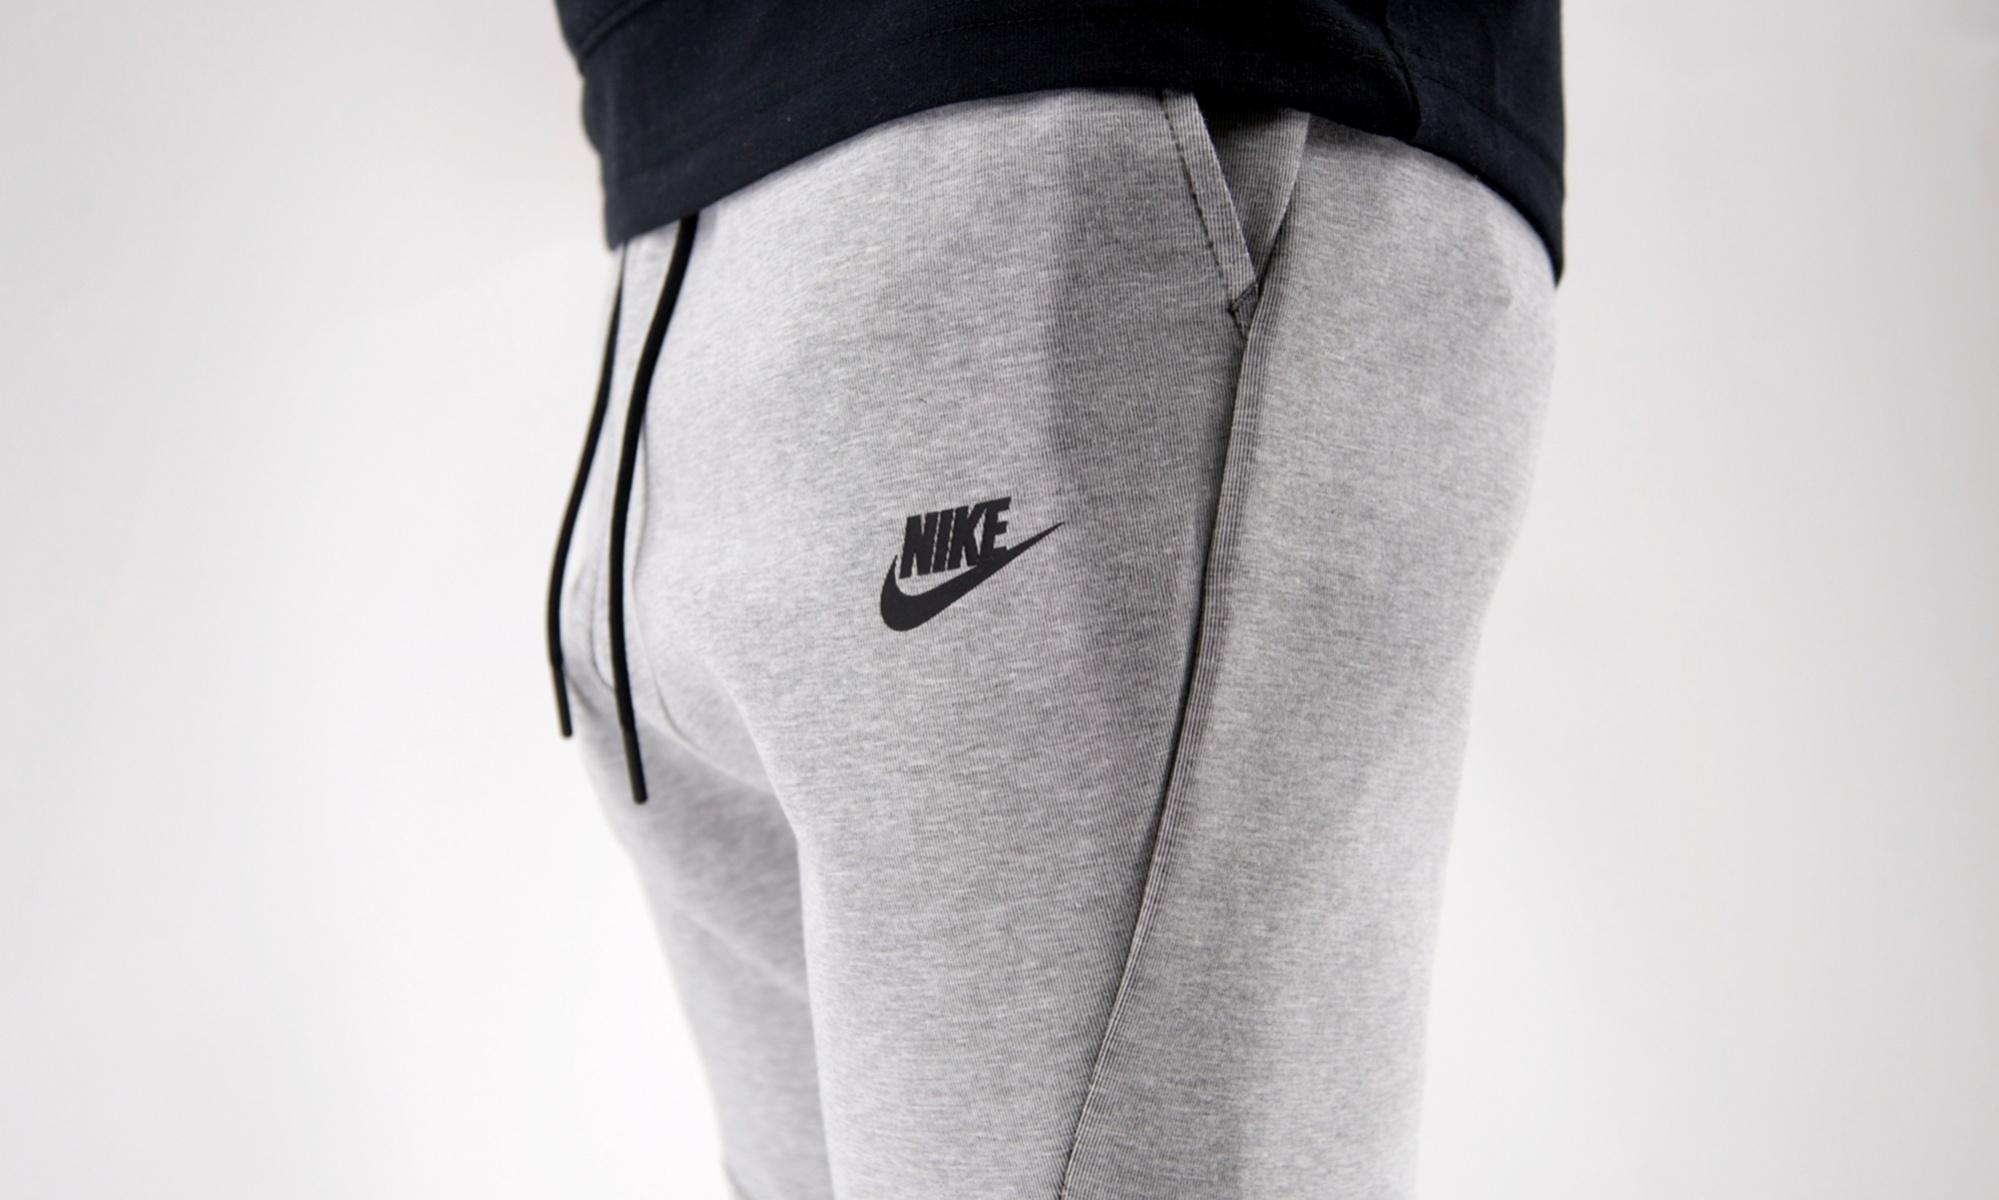 nike-sportswear-tech-fleece-jogger-grey-805162-100-mood-1.jpg